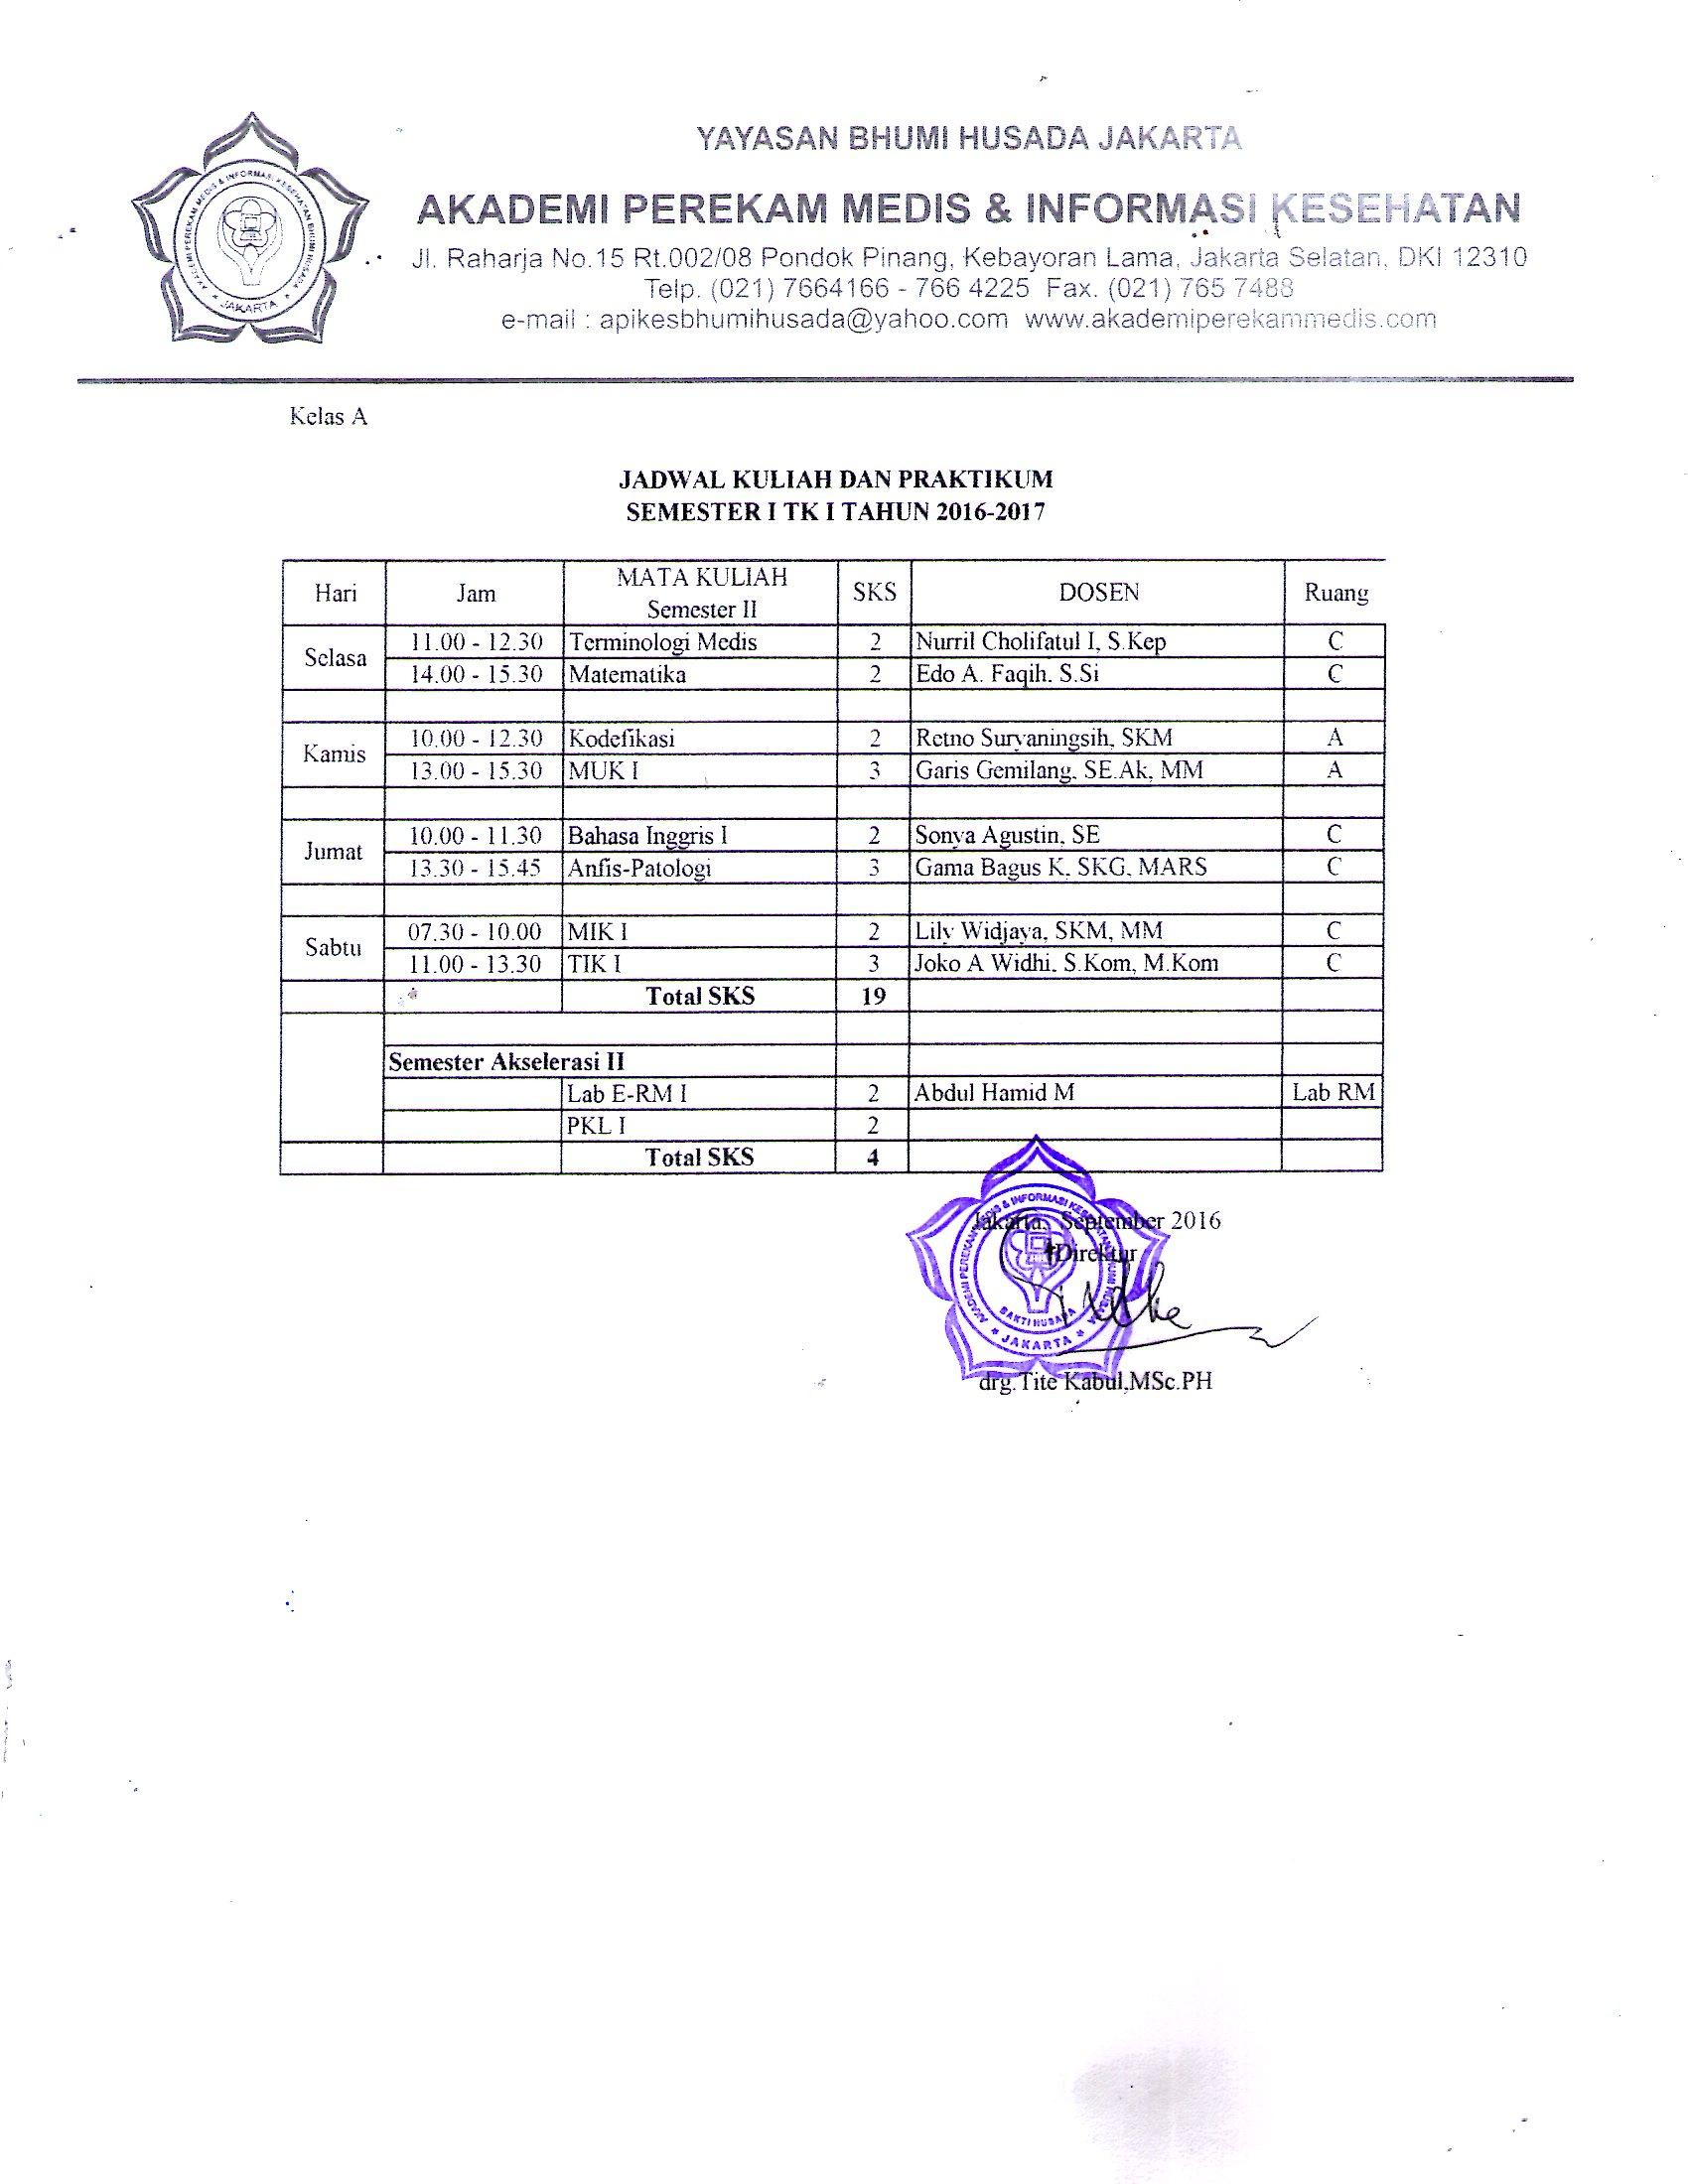 Jadwal Kuliah Semester Ganjil Tahun Ajaran 2016-2017